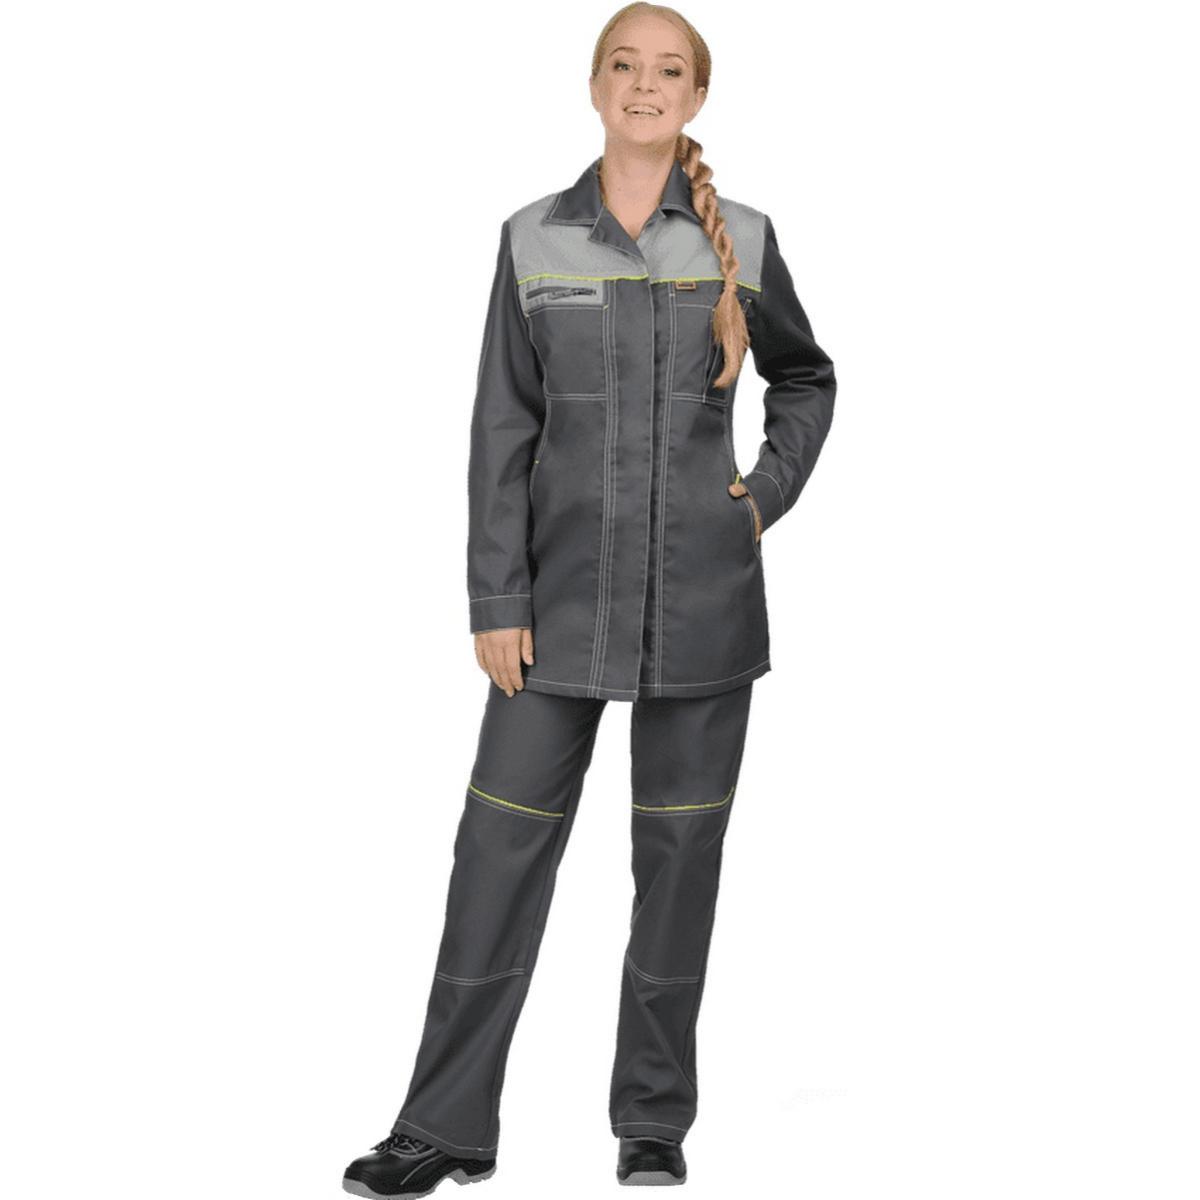 Куртка ТУРБО серая женская  (разм. 80-84 рост 170-176)